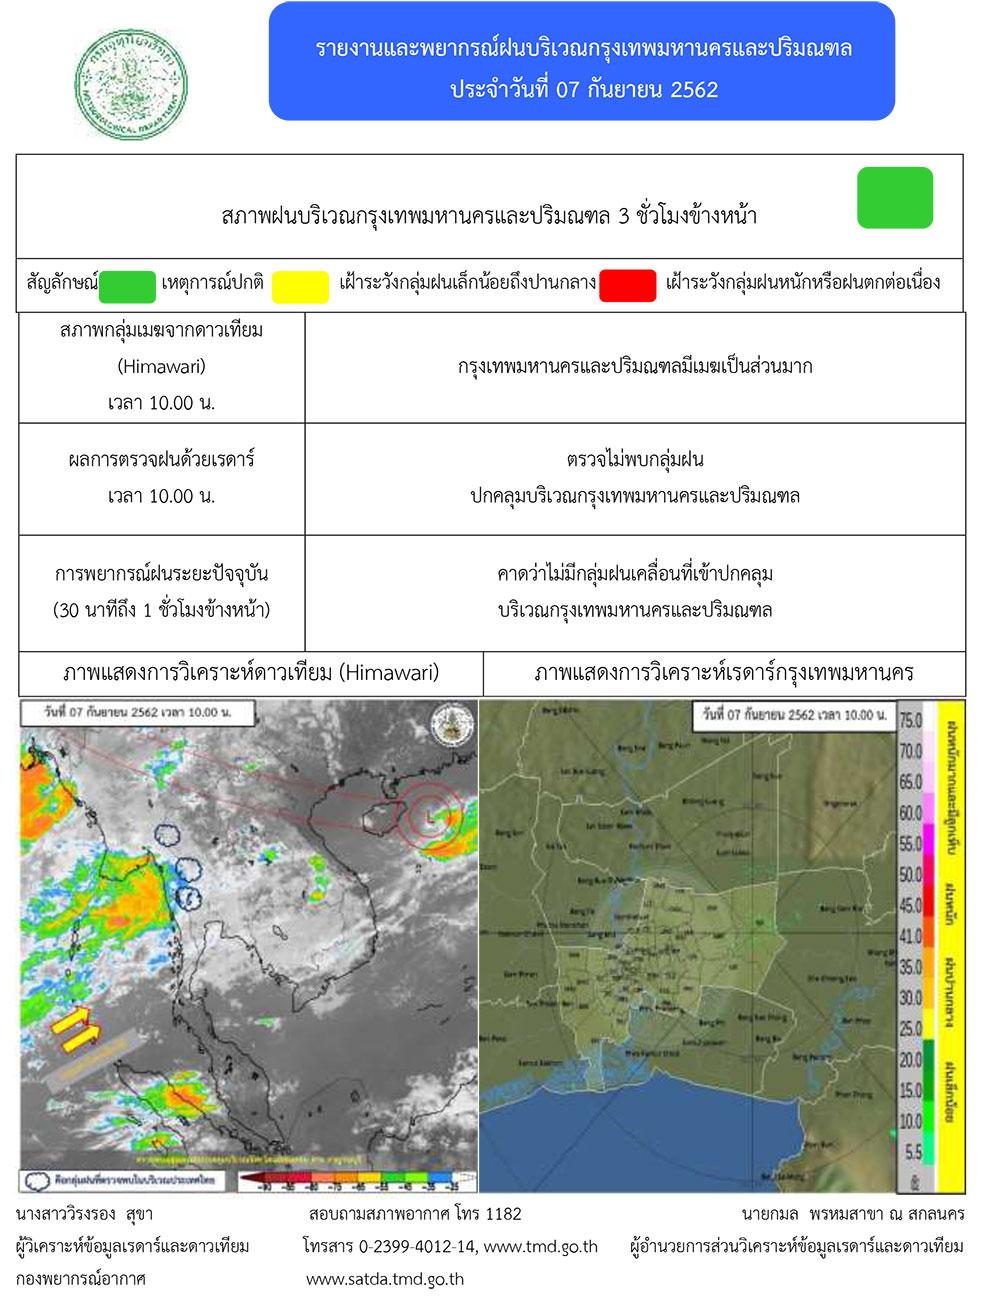 รายงานพยากรณ์อากาศ ประจำวันที่ 7 กันยายน 2562